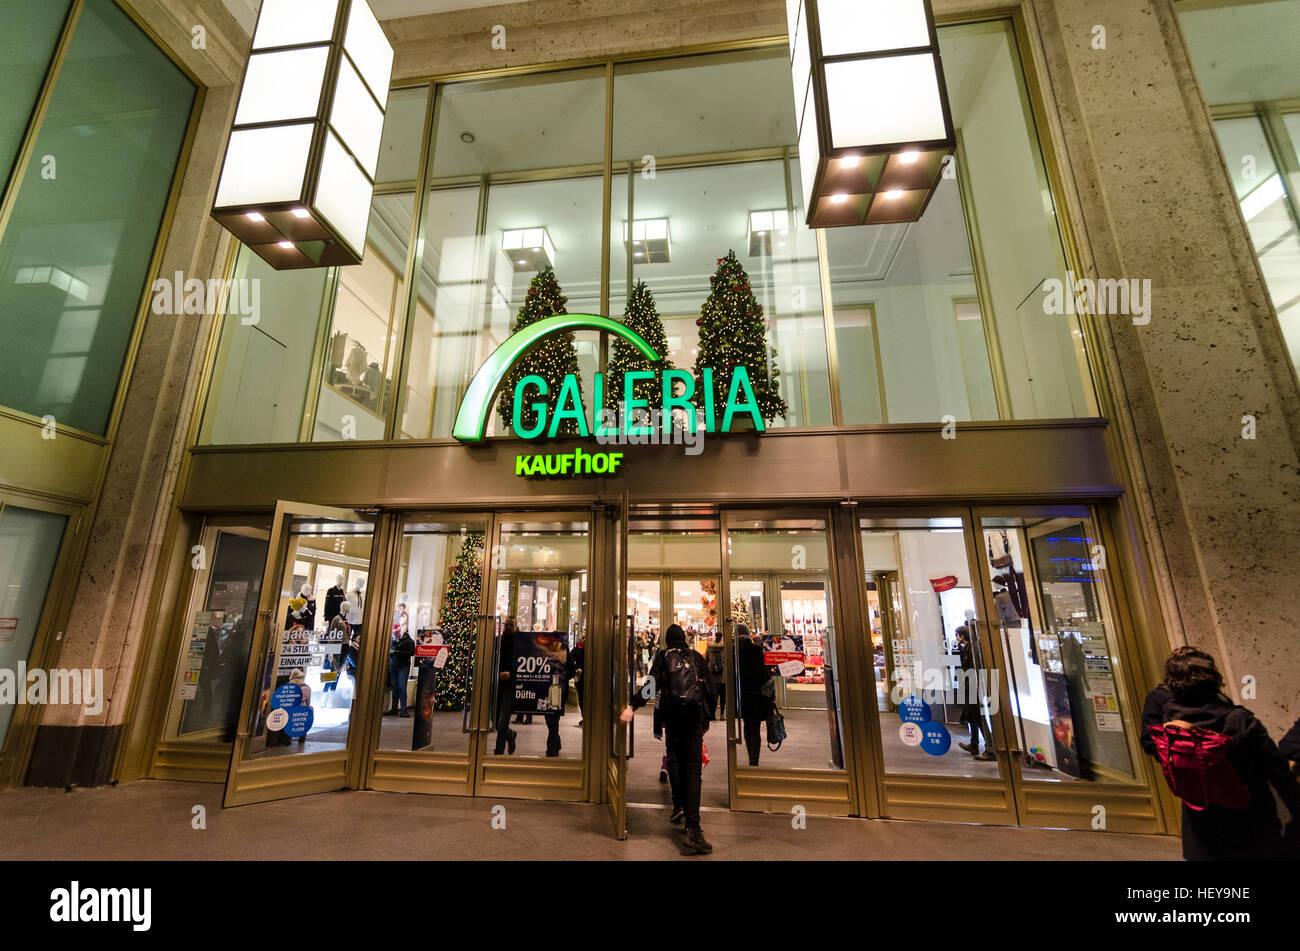 8307ddb8359d9 Logo und Eingang außerhalb Galeria Kaufhof; Department Store, Shop,  Händler. Alexanderplatz, Mitte, Berlin, Deutschland.